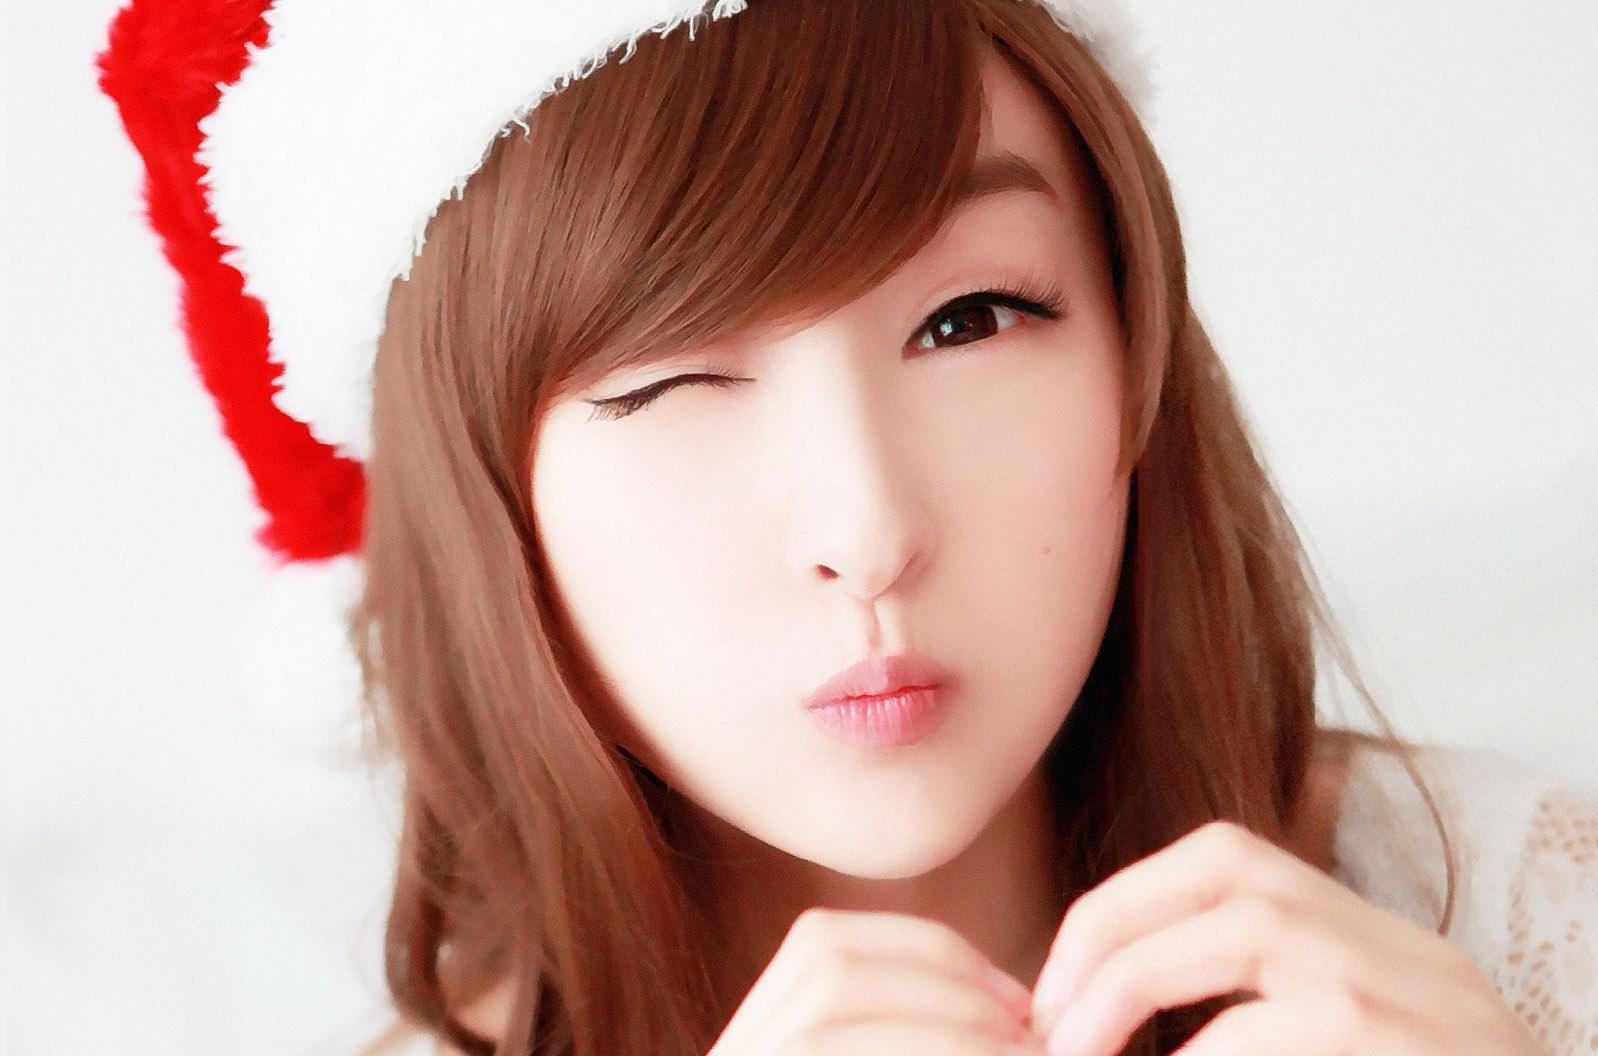 http://2.bp.blogspot.com/-H6MPlM6vqHM/UIoHcH4kEXI/AAAAAAAAAAM/Ehrcecdbr8E/s1600/lin-ketong-cute-a-wallpaper_1598x1056_84133.jpg